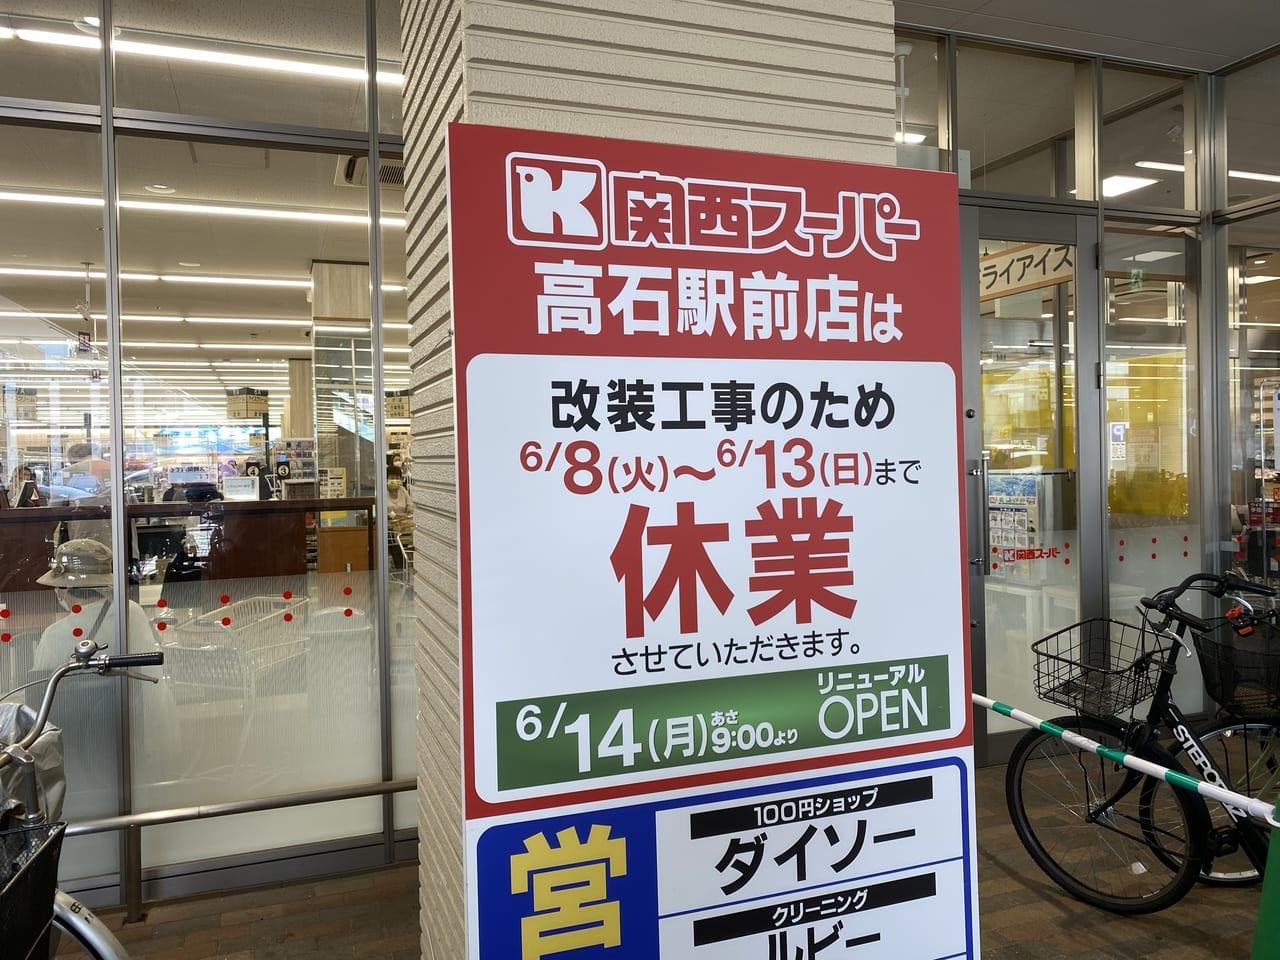 関西スーパー改装休業